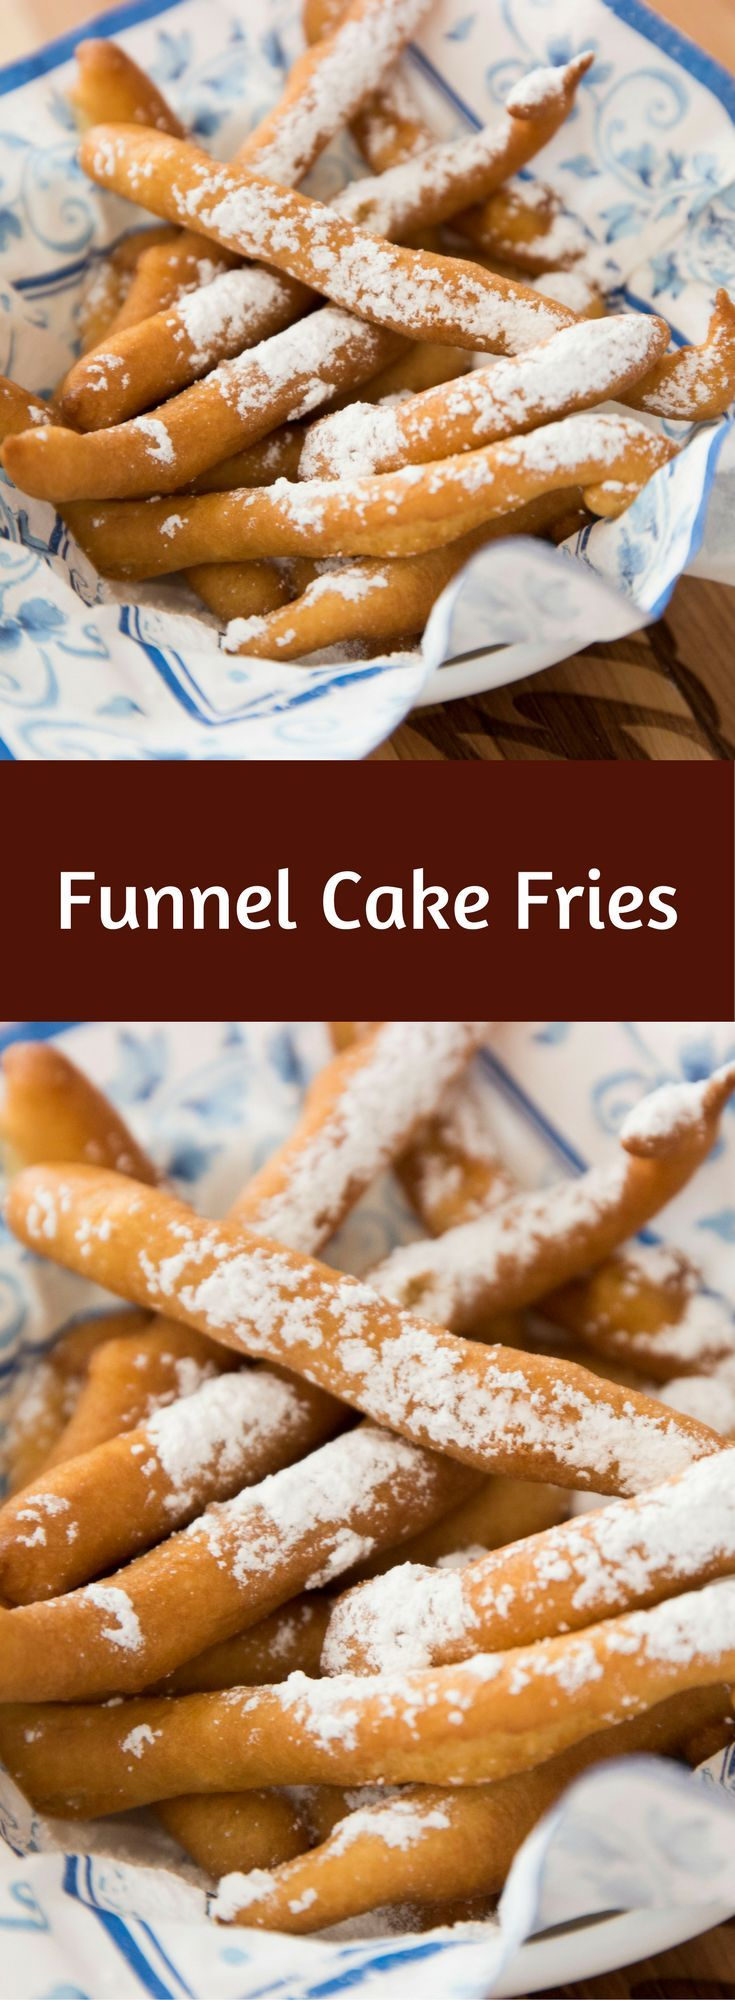 Funnel Cake Fries sind eine der unglaublichsten Pommes die Sie jemals haben werden! Sie können diesen leichten und luftigen Kuchen-Pommes nicht widerstehen! Perfekt für Desserts Snacks oder eine lustige Party!